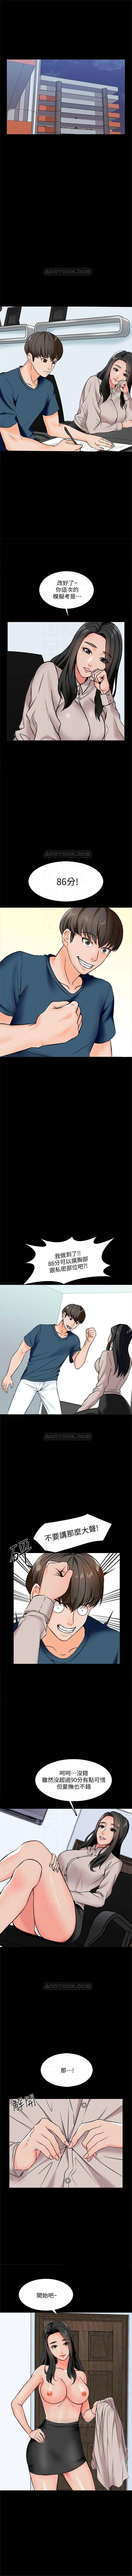 (週1)家教老師  1-21 中文翻譯(更新中) 99